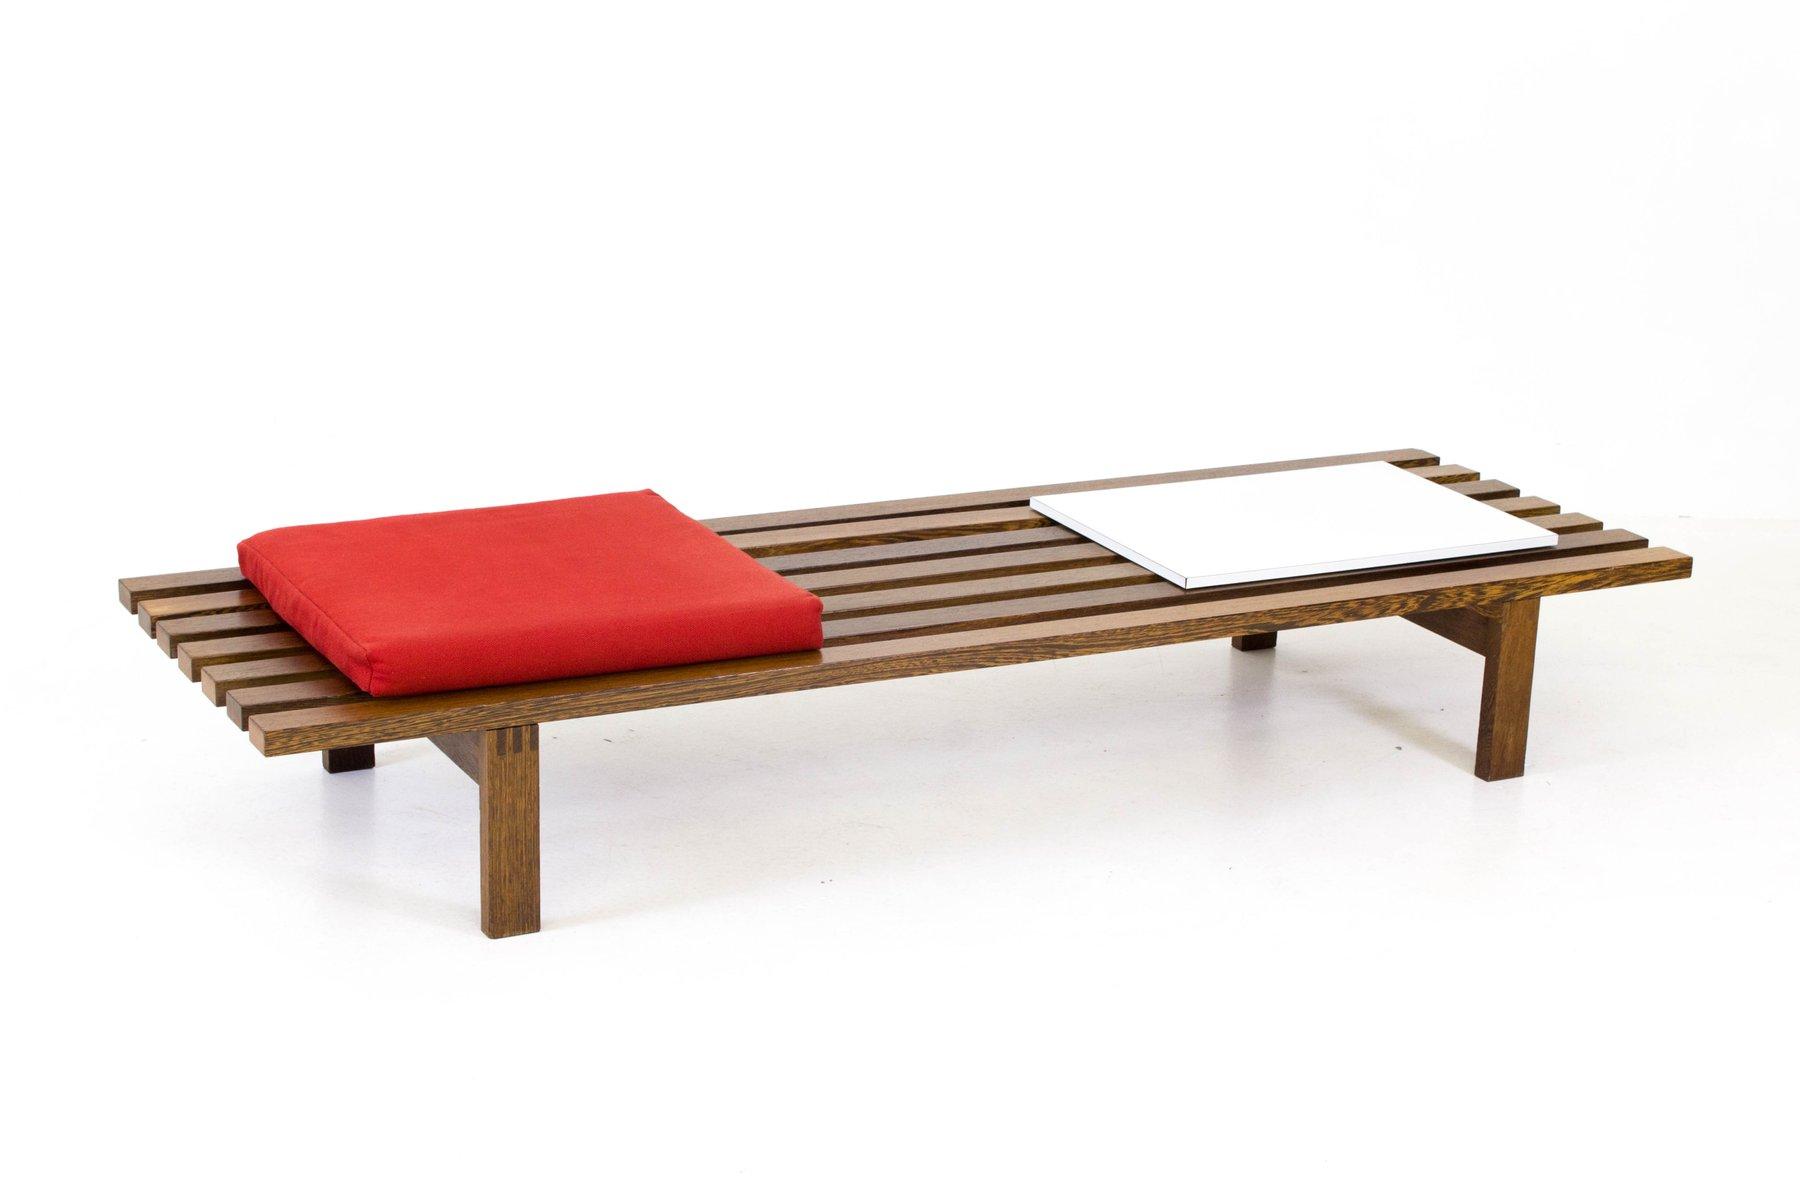 Mid Century Modern Slat Bench by Martin Visser for t